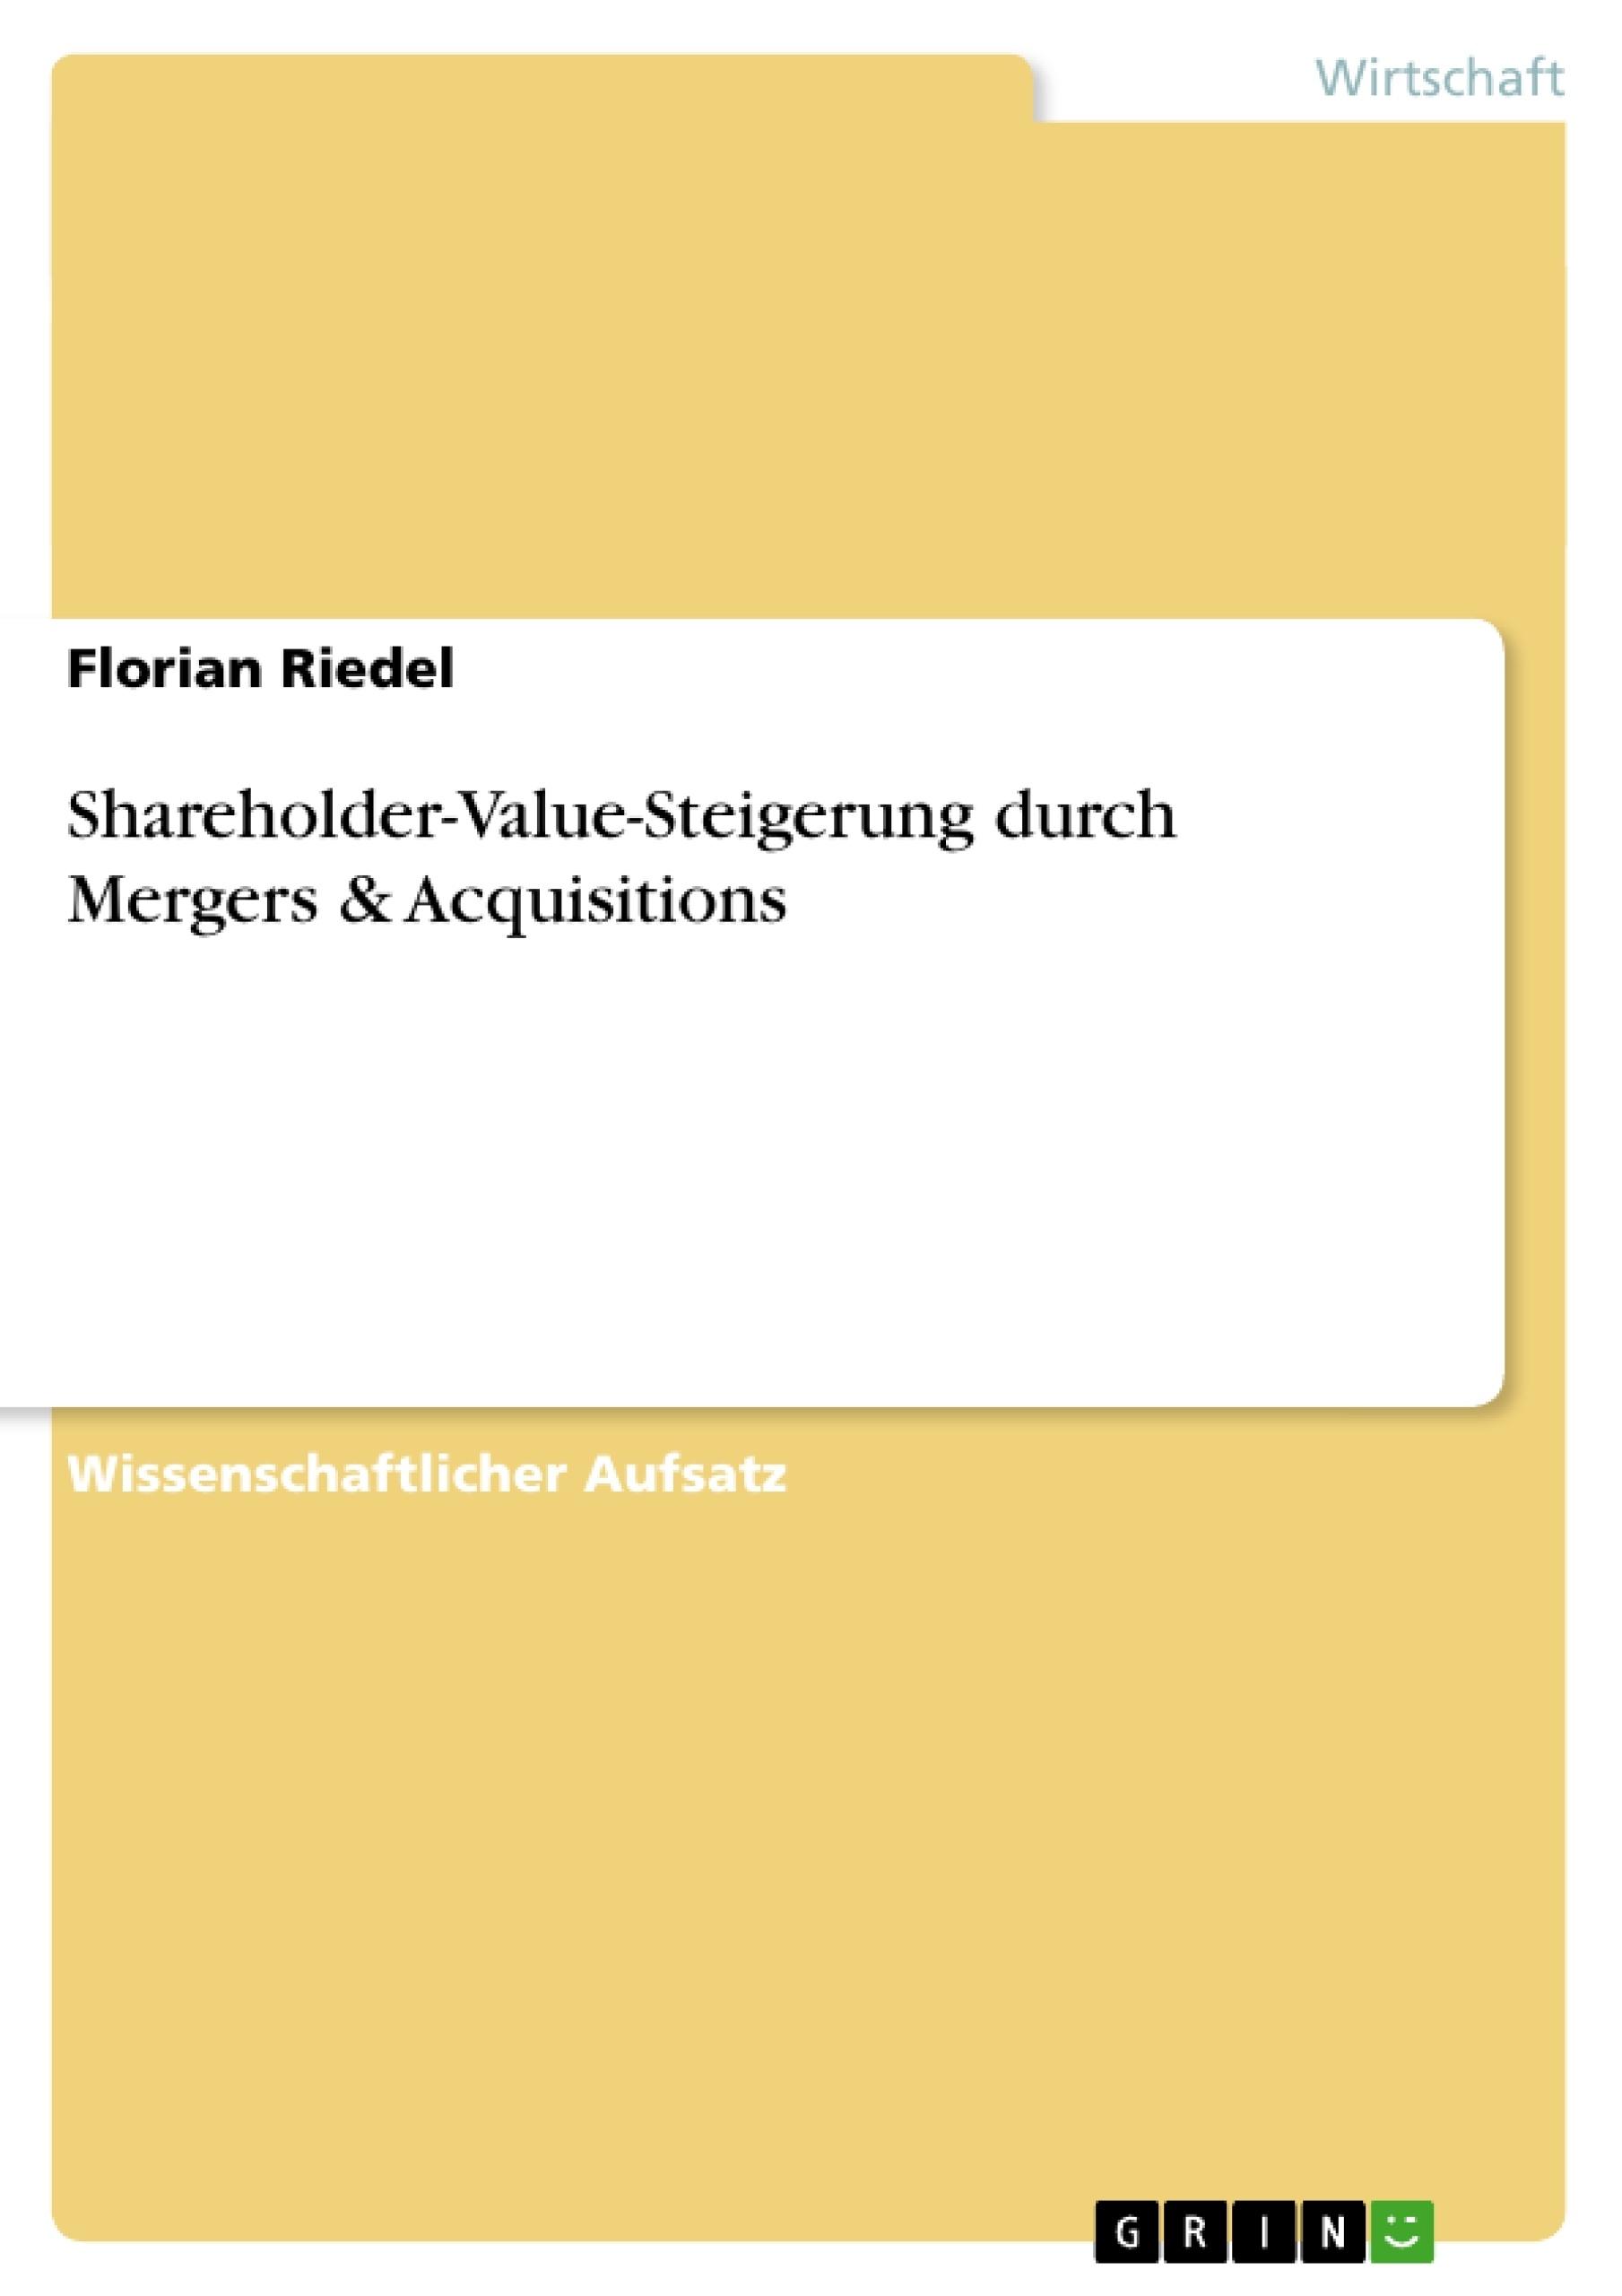 Titel: Shareholder-Value-Steigerung durch Mergers & Acquisitions